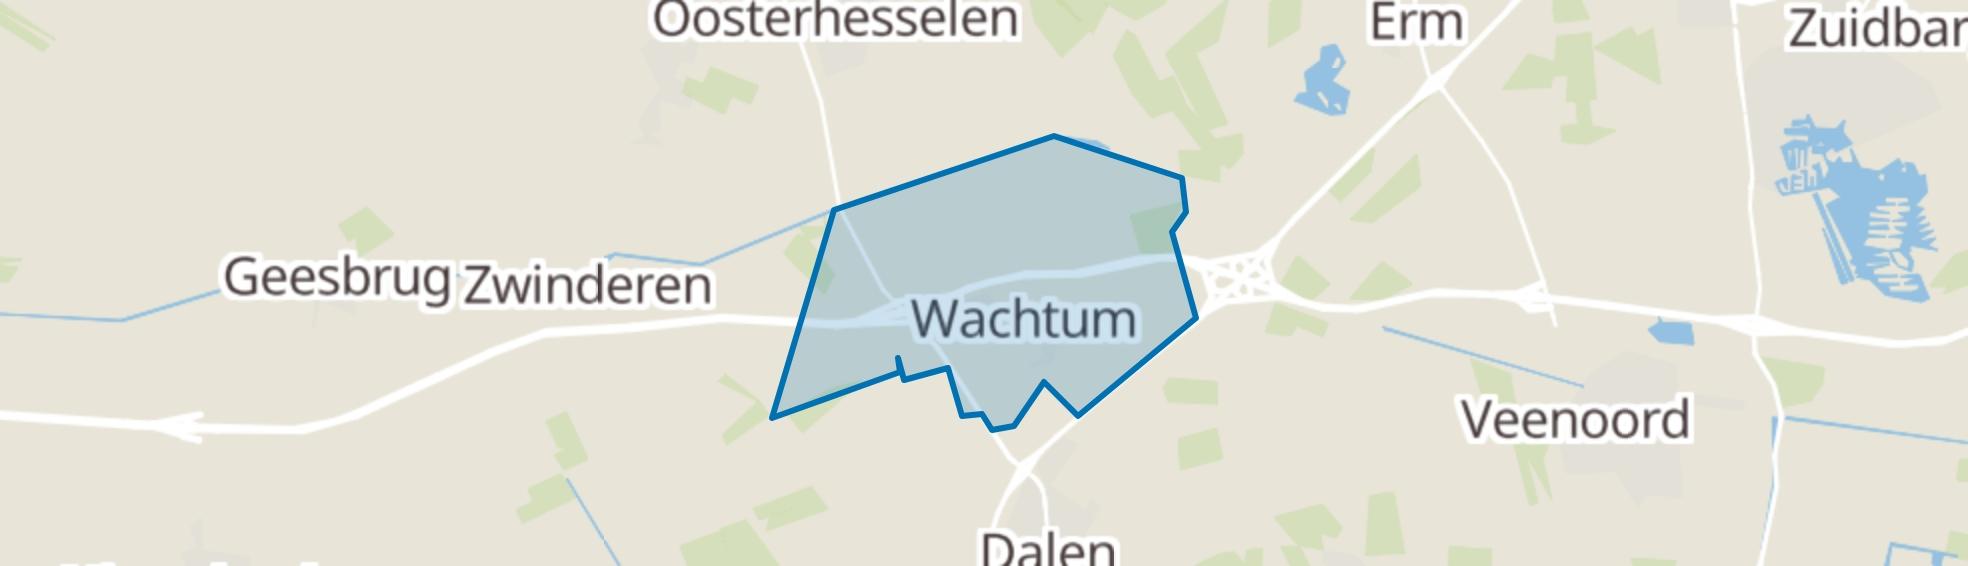 Wachtum map